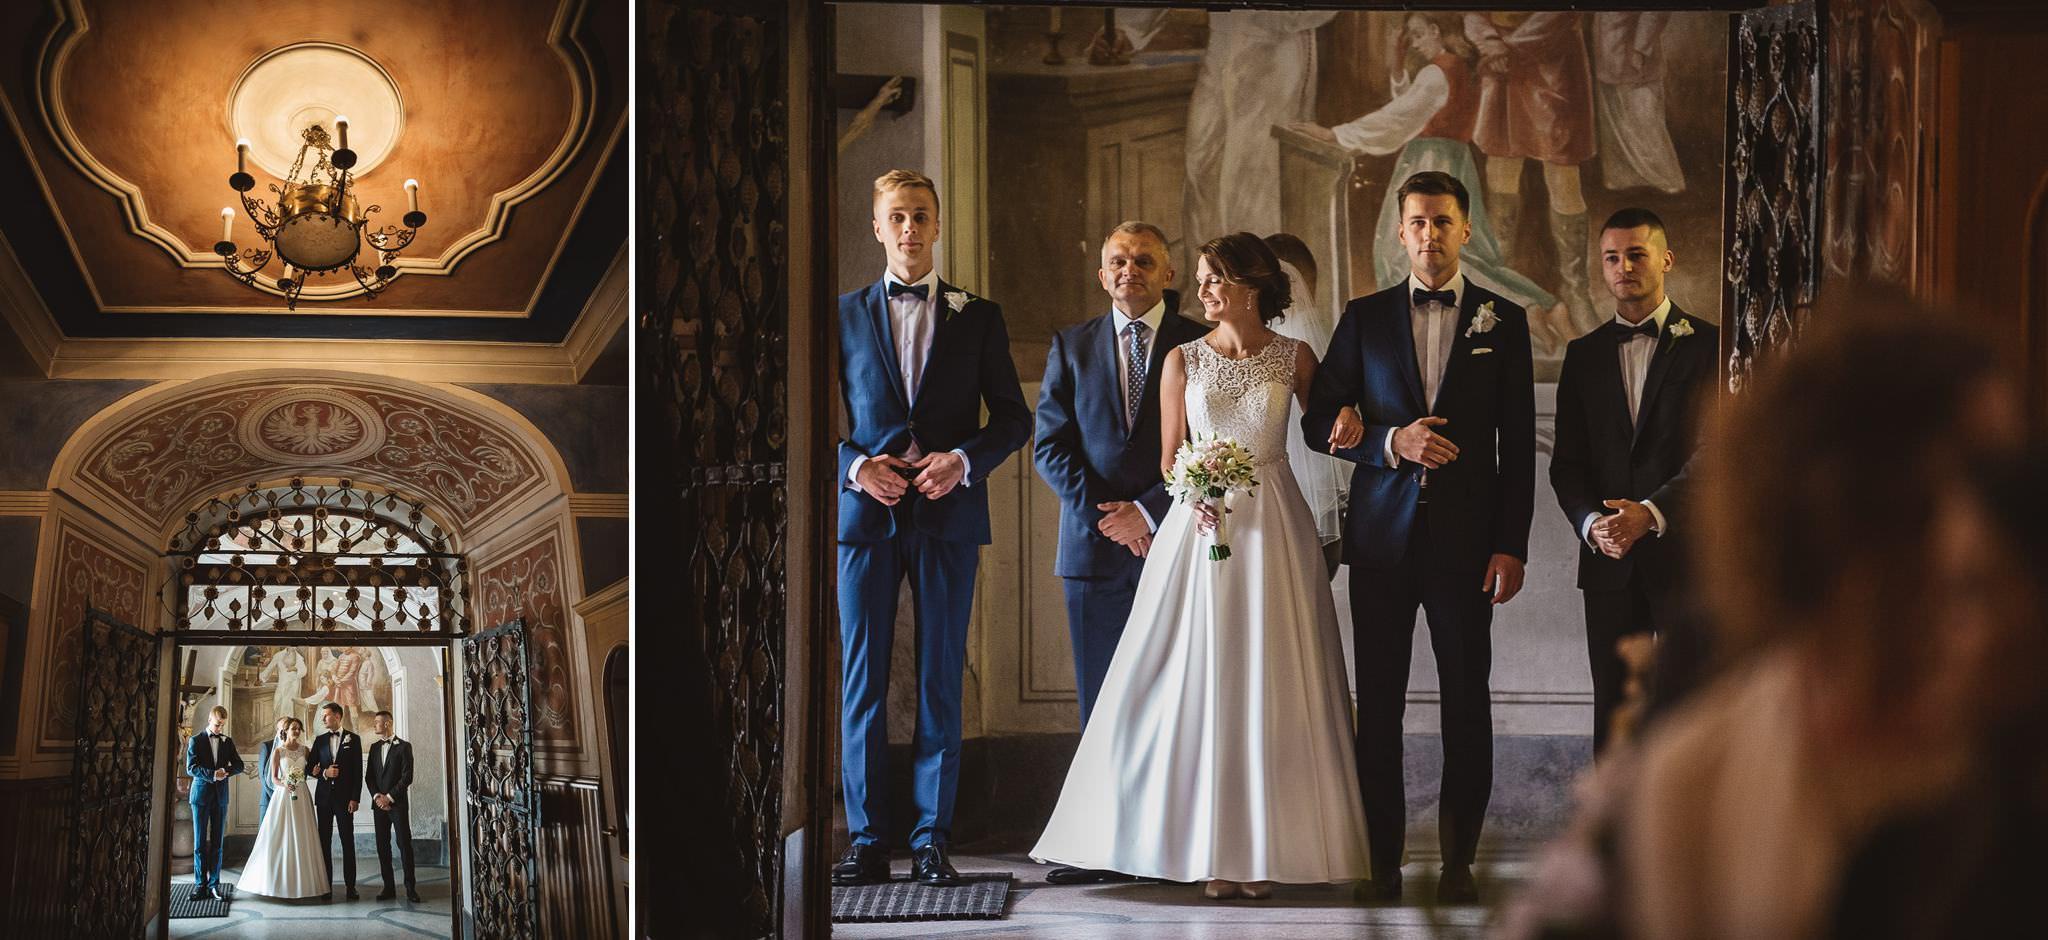 Monika i Michał, wesele w Paryżu i sesja plenerowa w stadninie koni w Czołowie 90